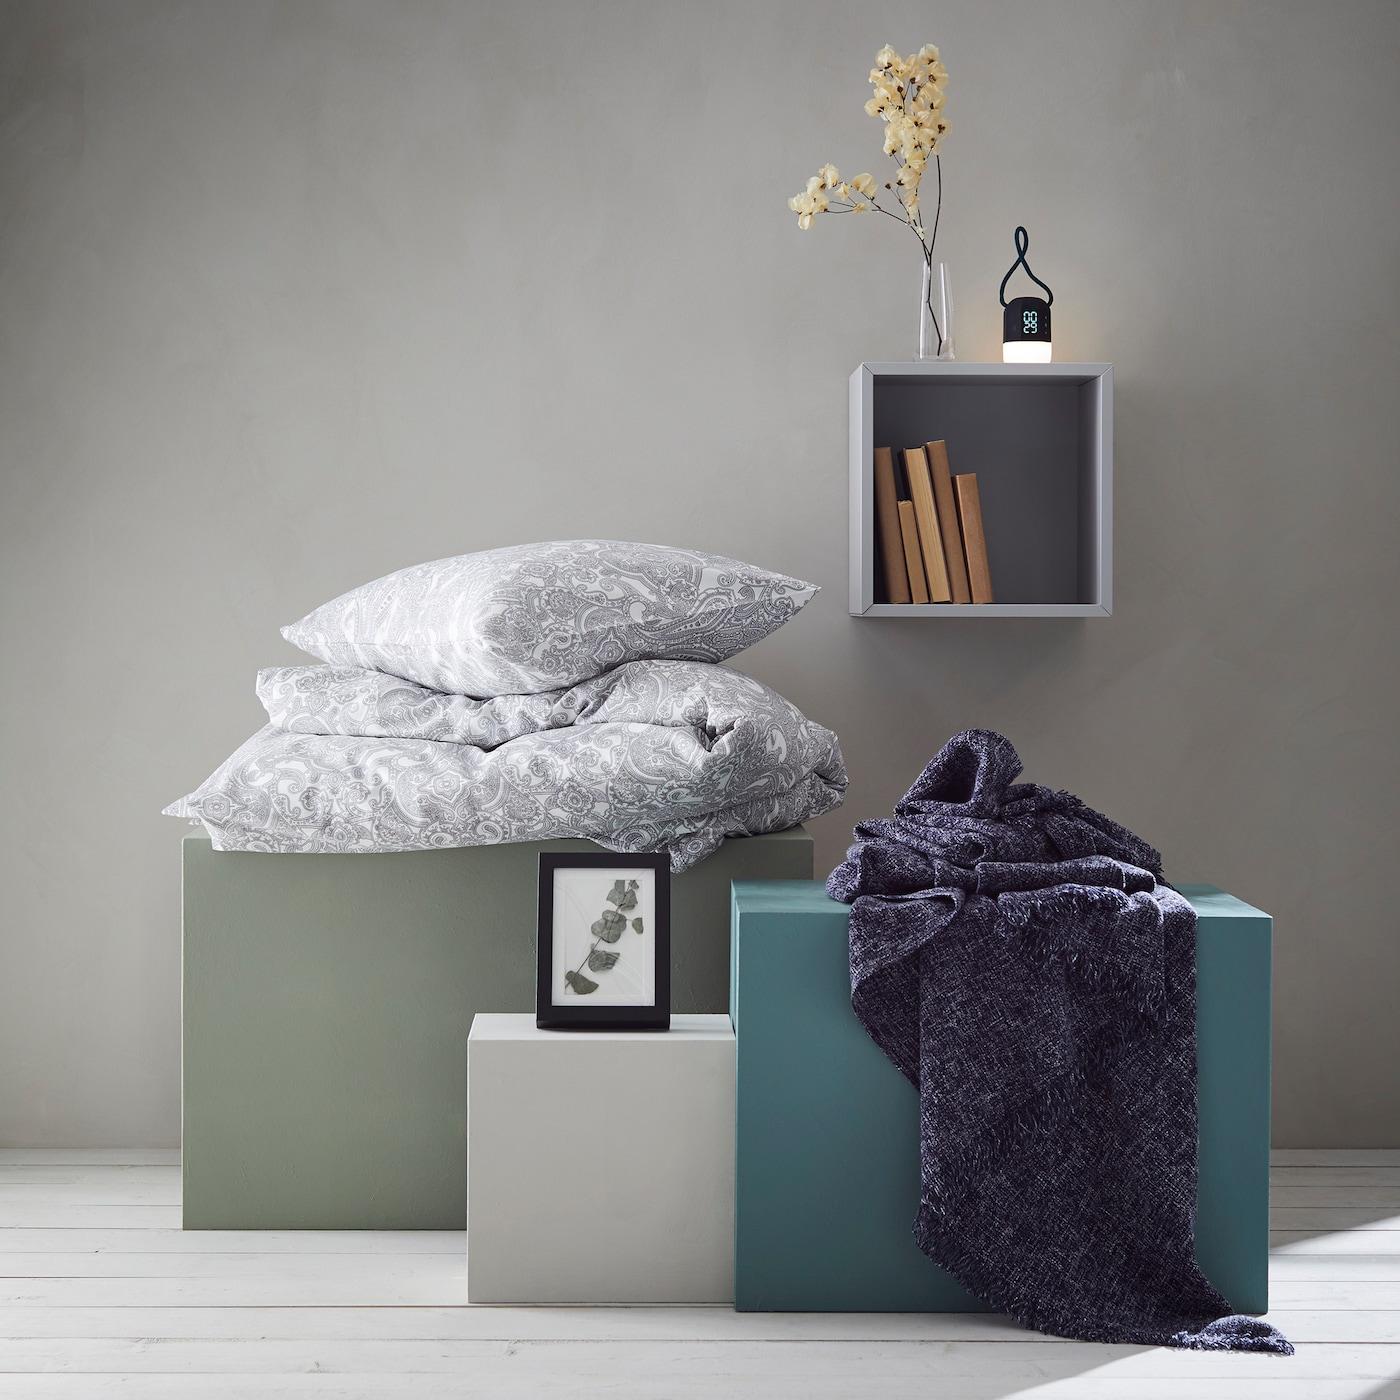 Hyvän unen setti JÄTTEVALLMO sisältää vaaleat paisley-kuvioiset vuodevaatteet, huovan, kuvakehyksen ja herätyskellon.